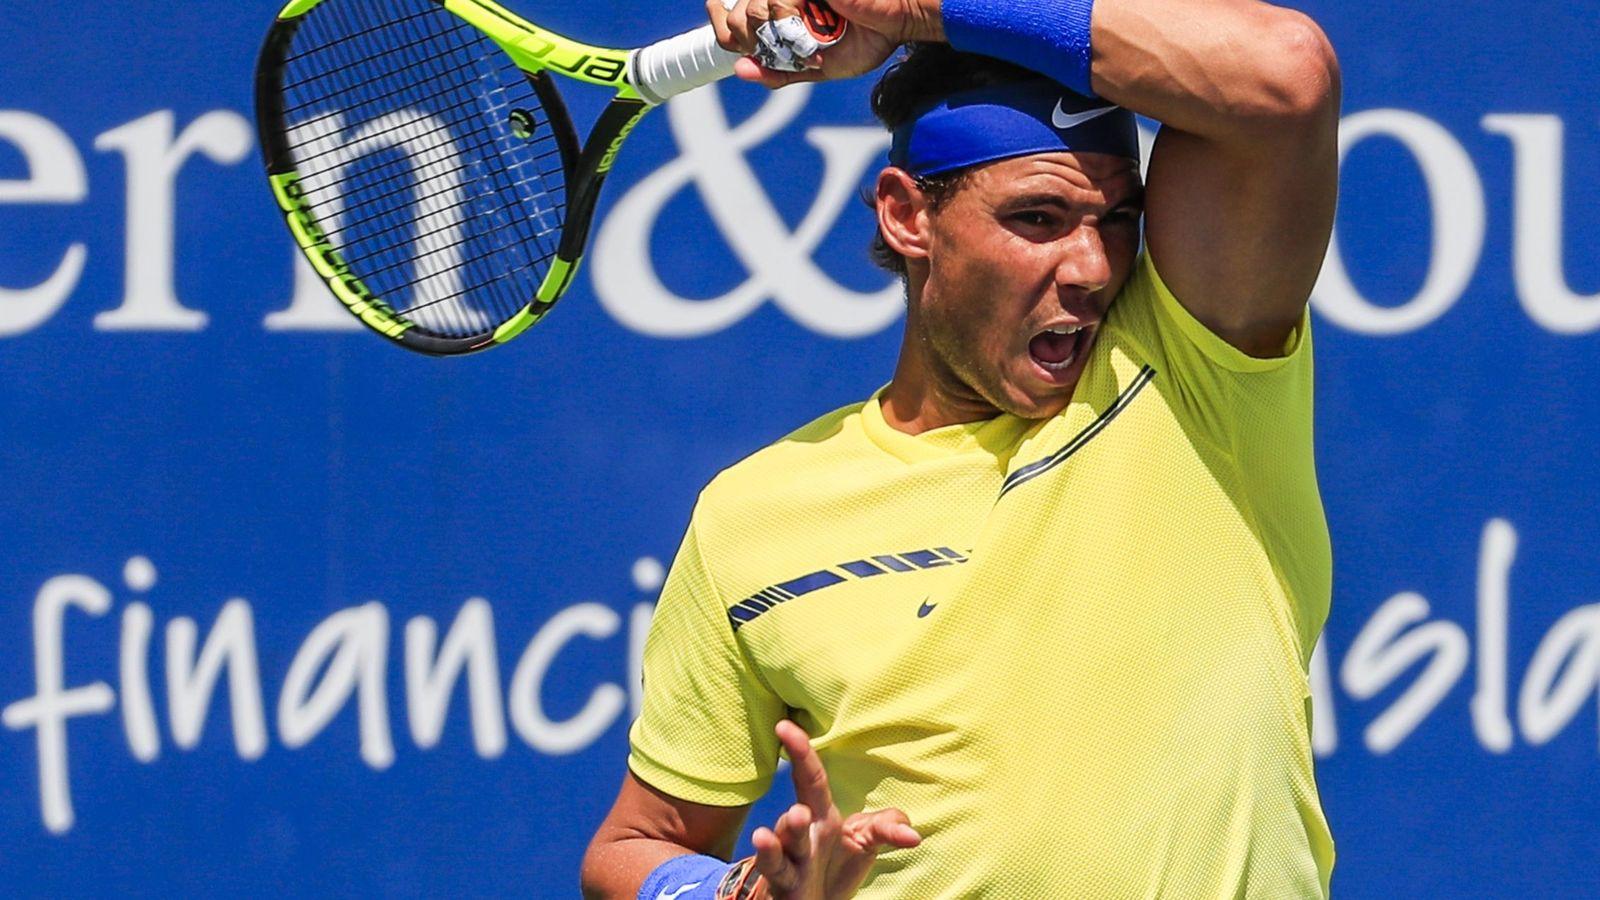 Foto: Western & southern open tennis